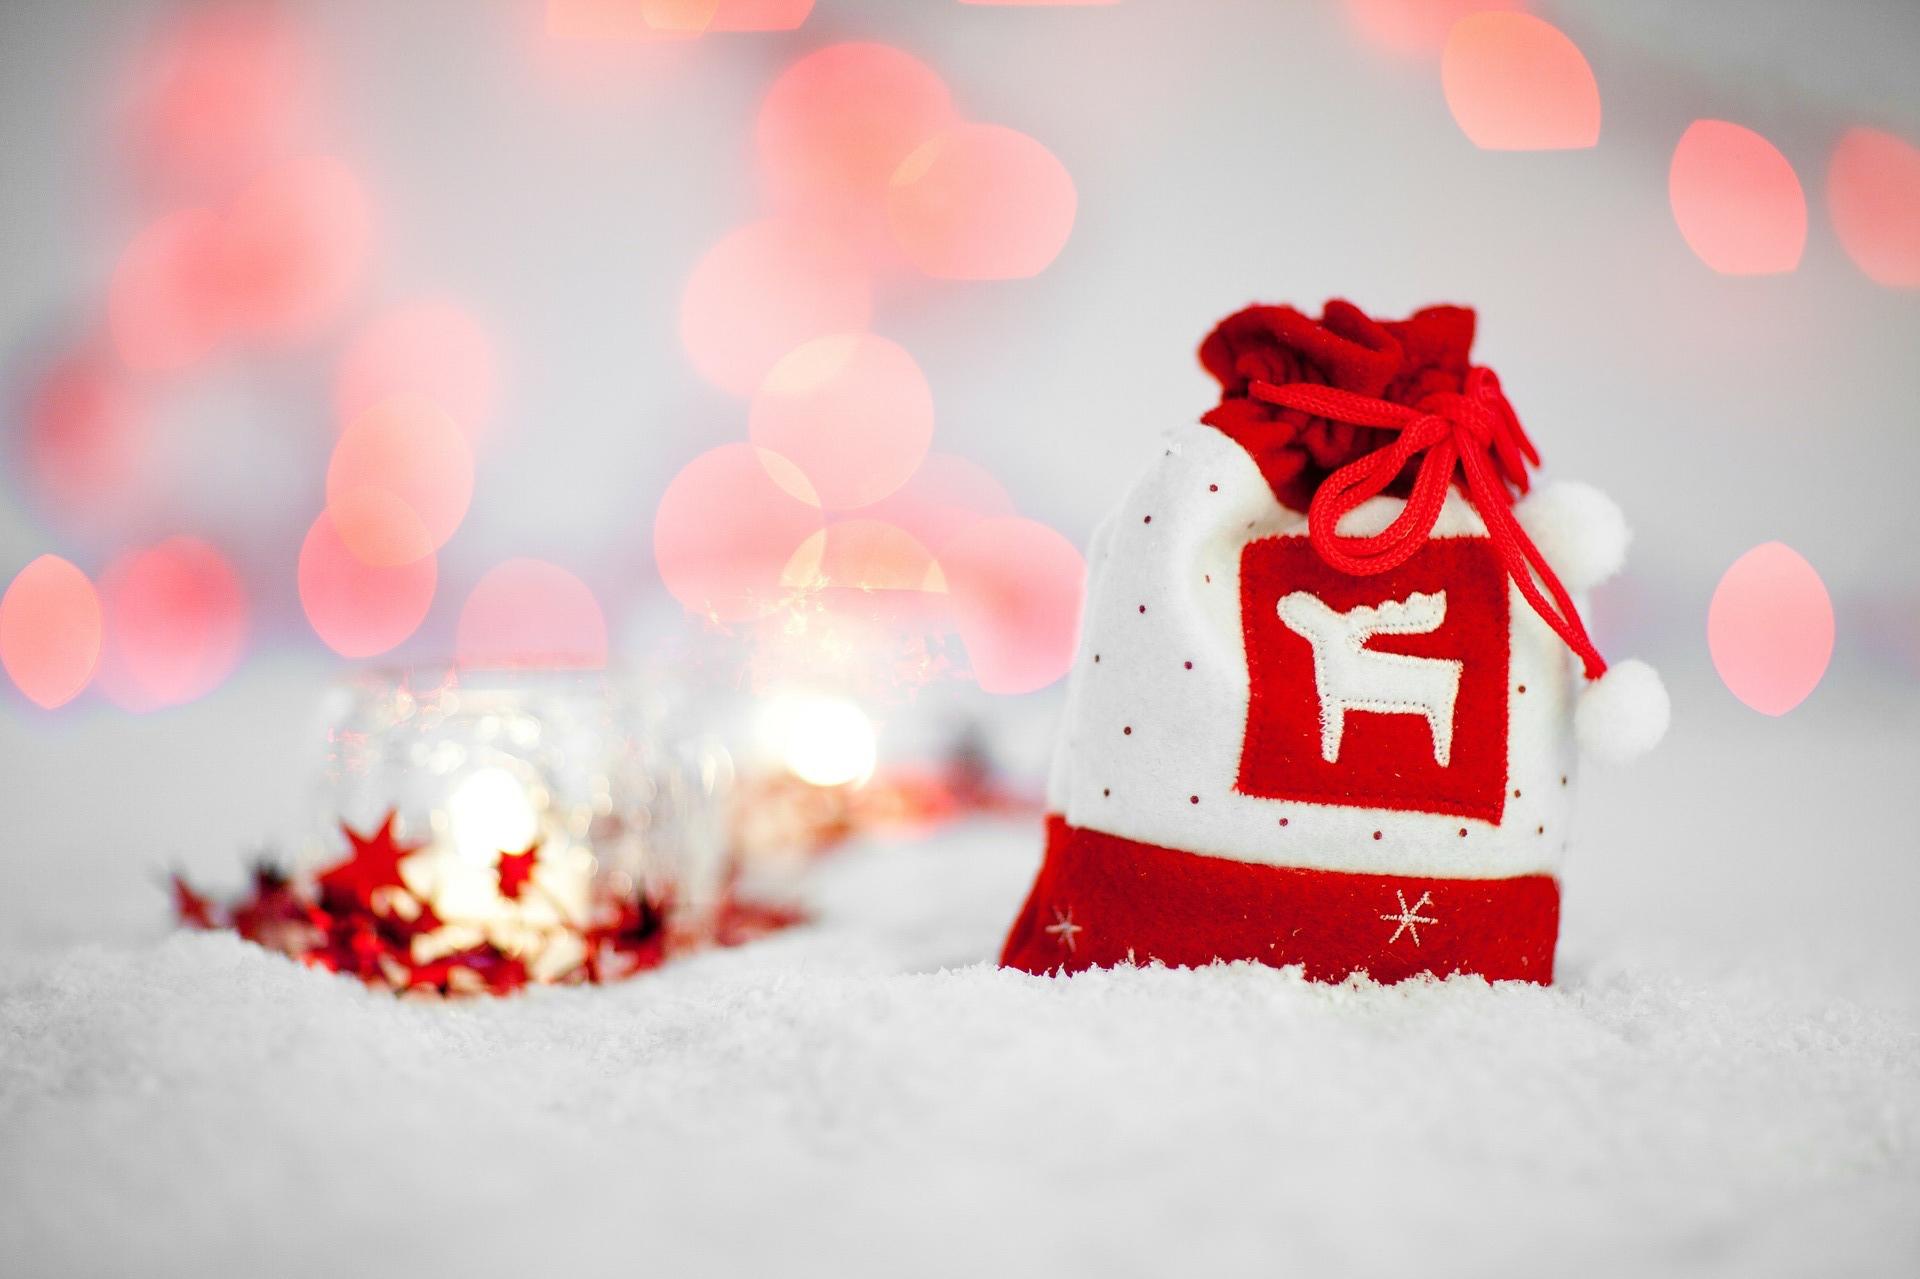 Weihnachtsbilder Kostenlos Downloaden.Weihnachtsbilder Zum Ausdrucken Kostenlos Downloaden Geschenke De